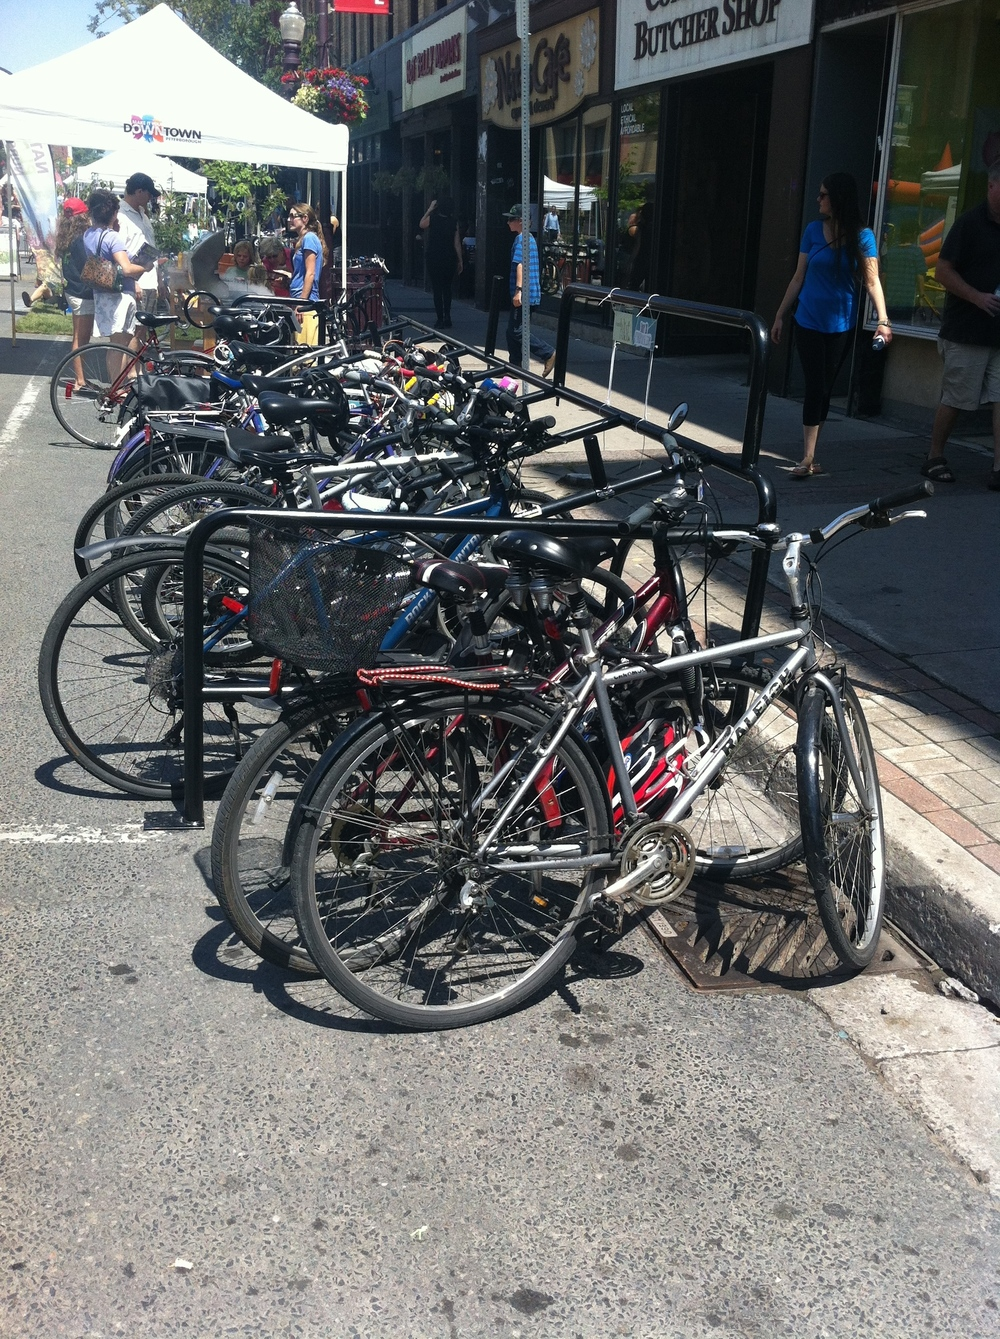 Offer Bike Parking